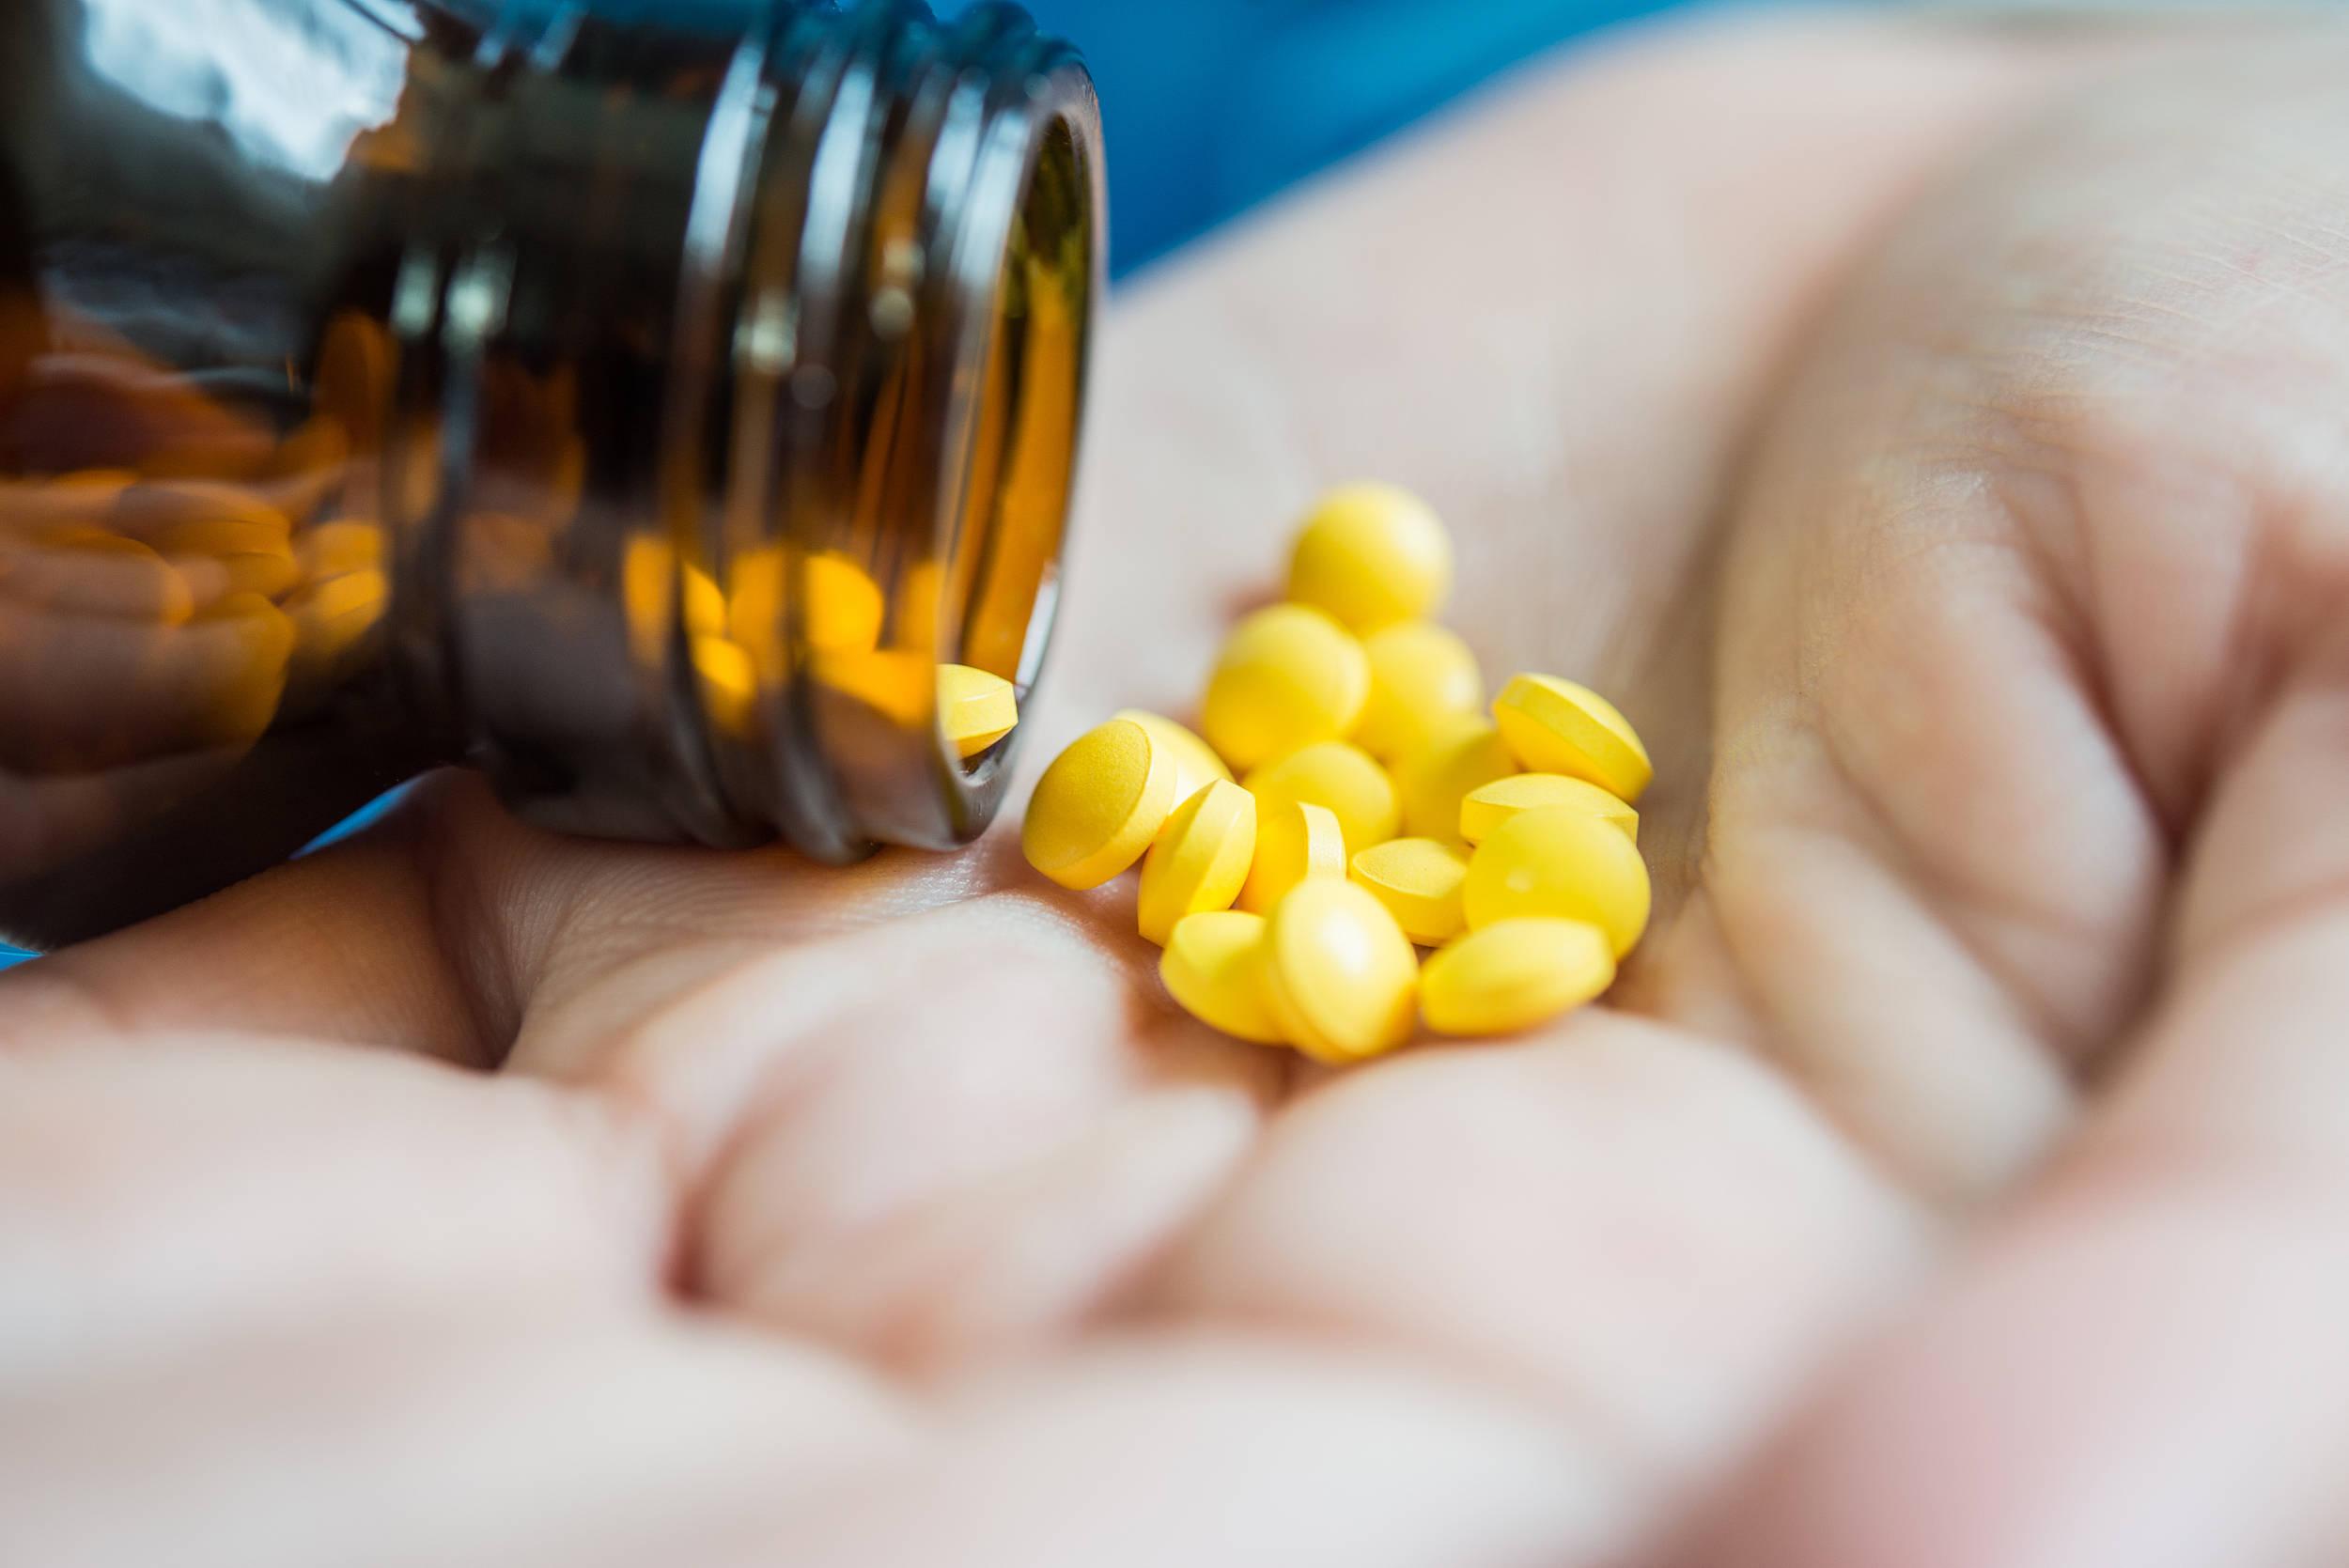 阿司匹林、硝酸甘油、速效救心丸,急救时该用哪种?三句话说清楚  生活与健康 第1张